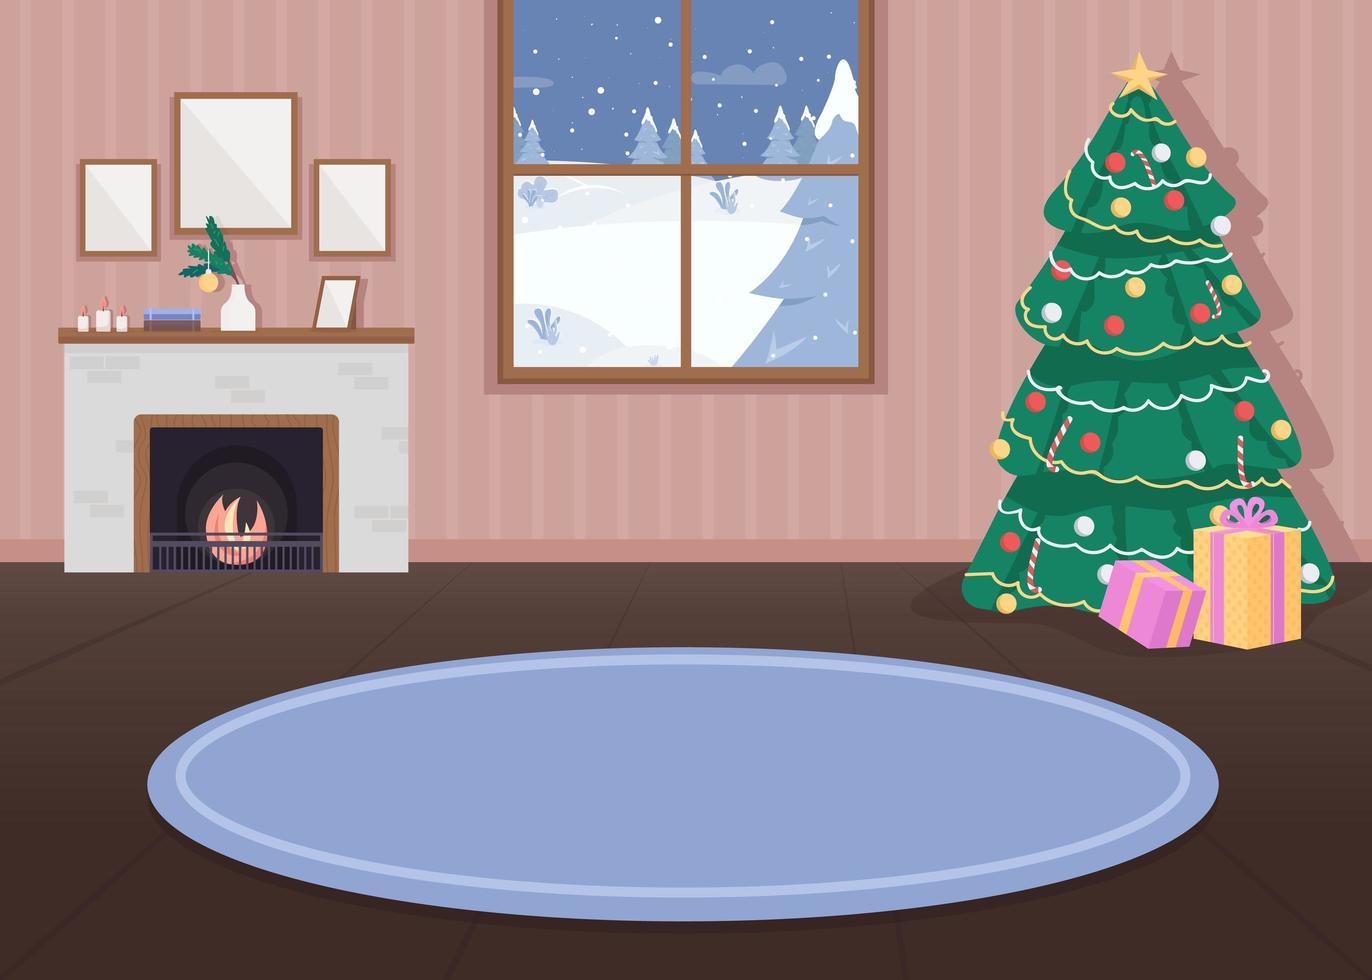 maison décorée de Noël vecteur